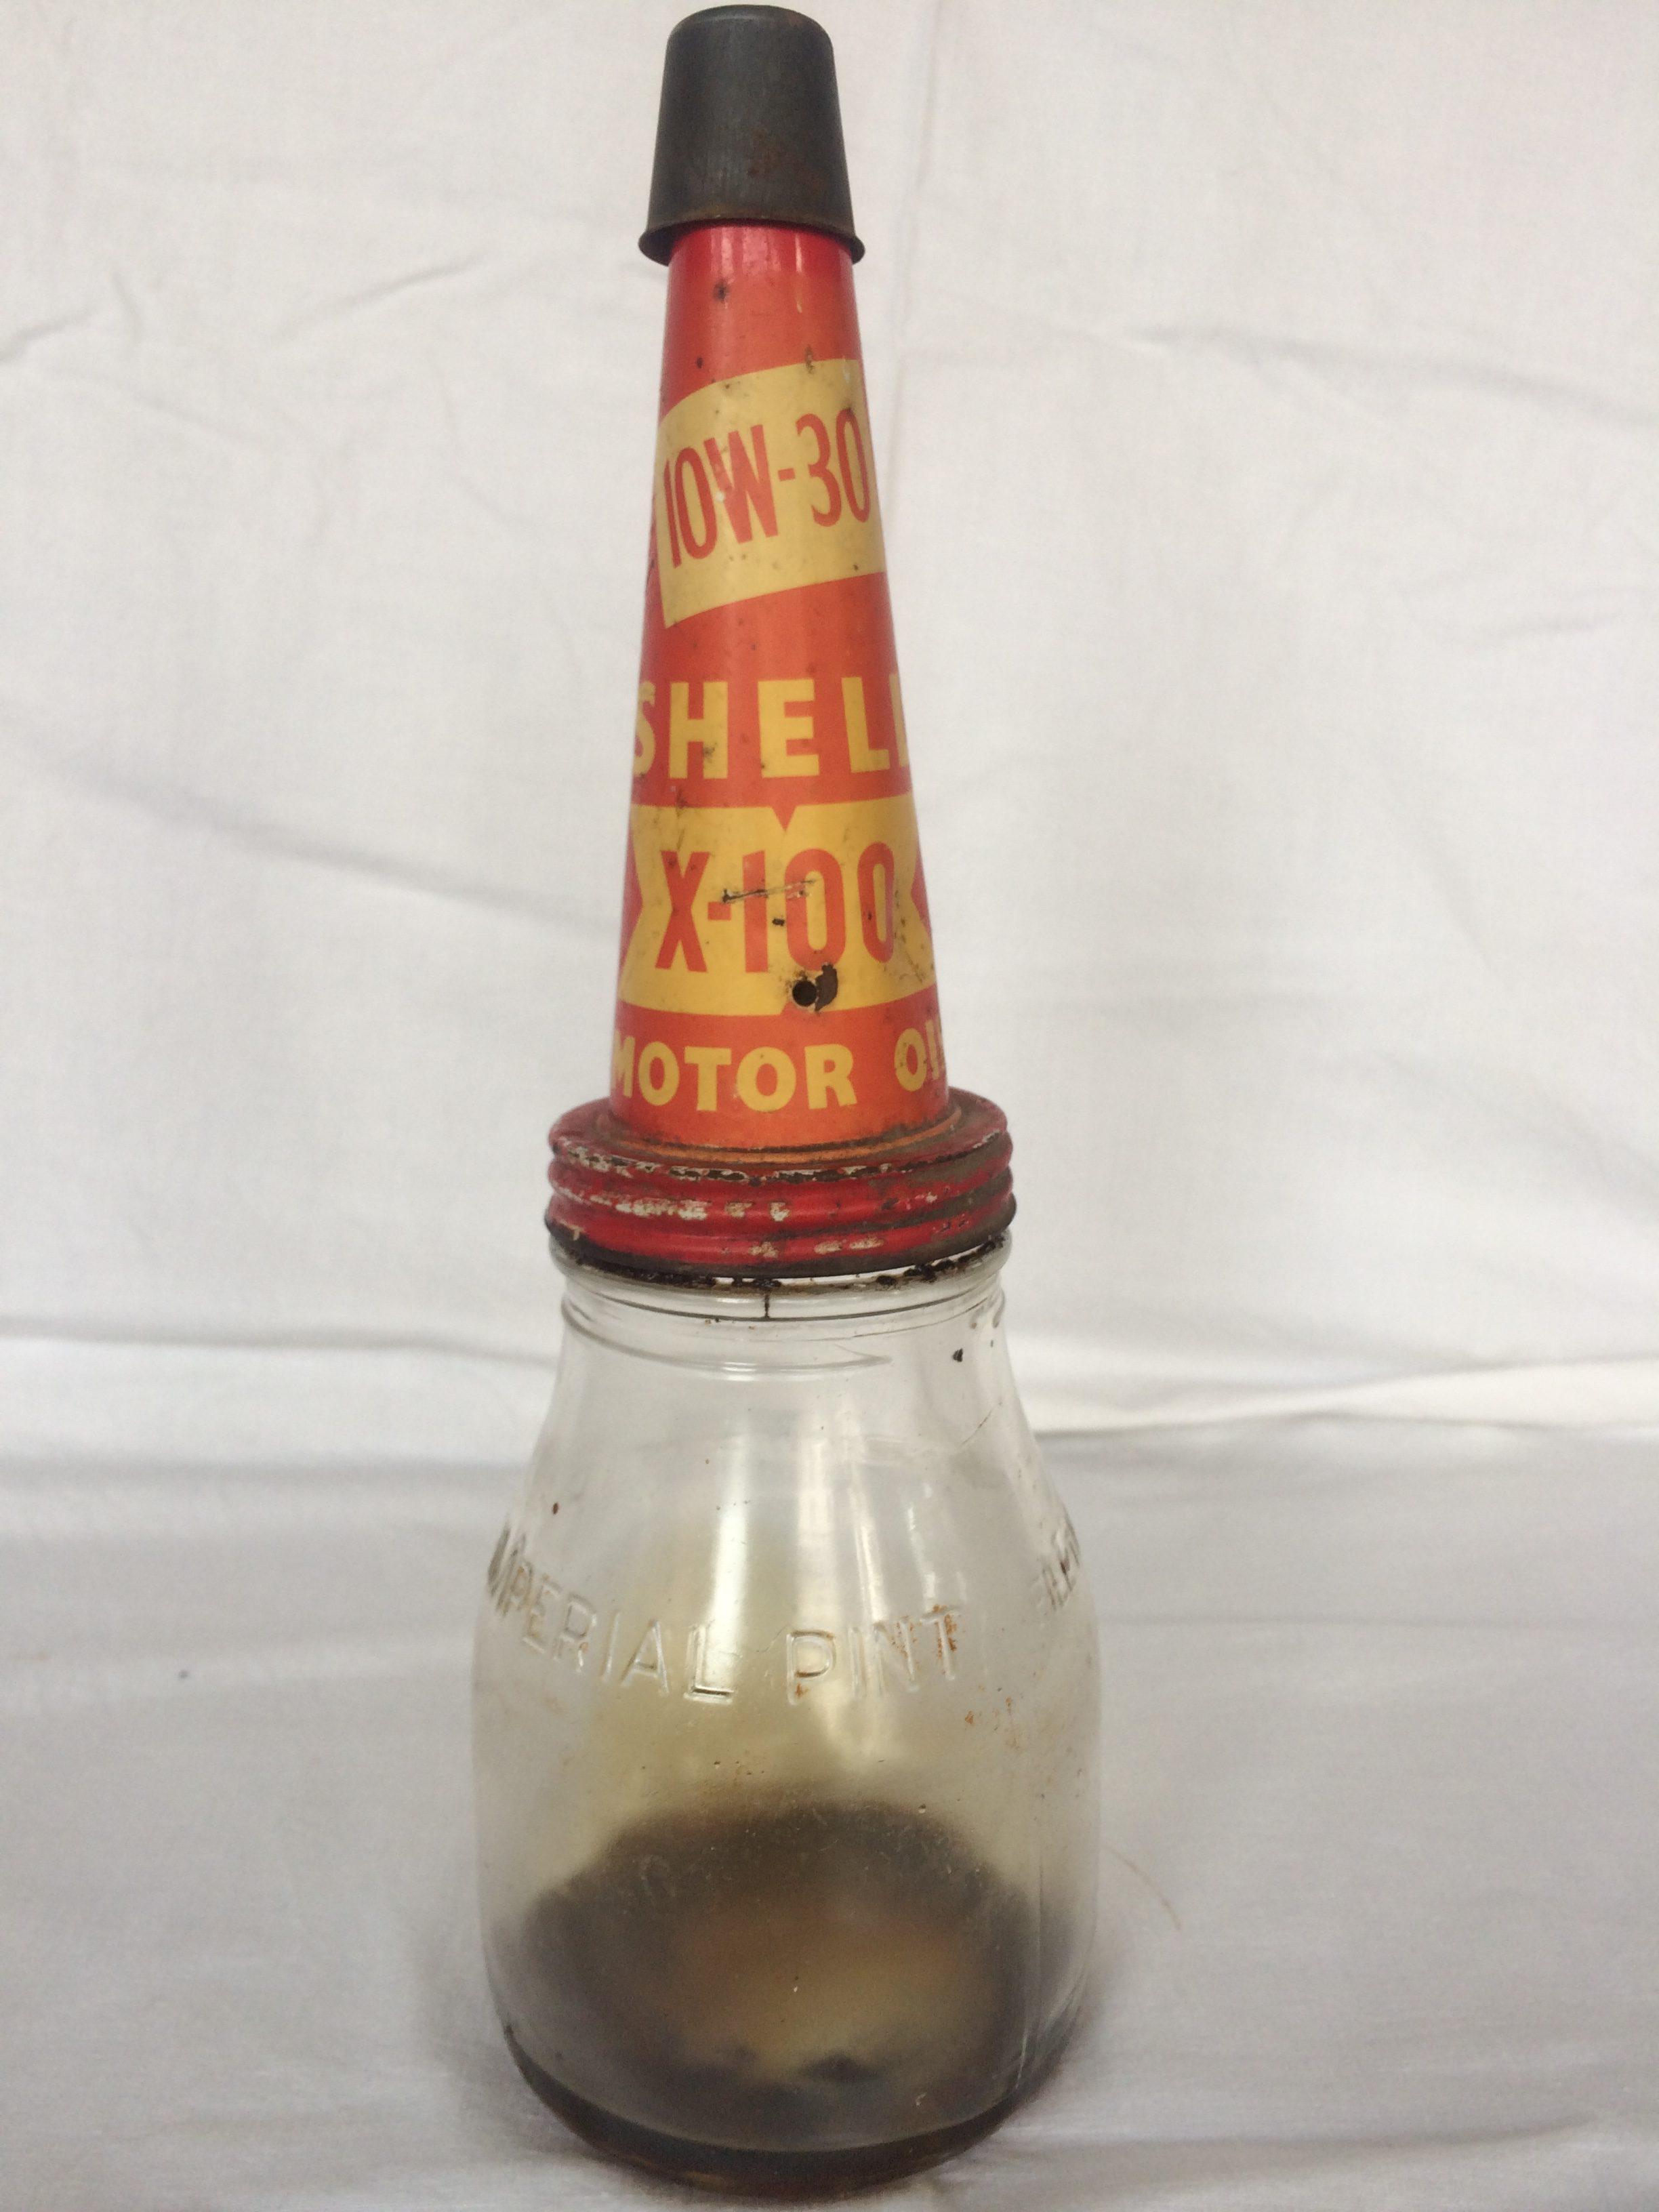 Shell x-100 10w-30 tin pourer